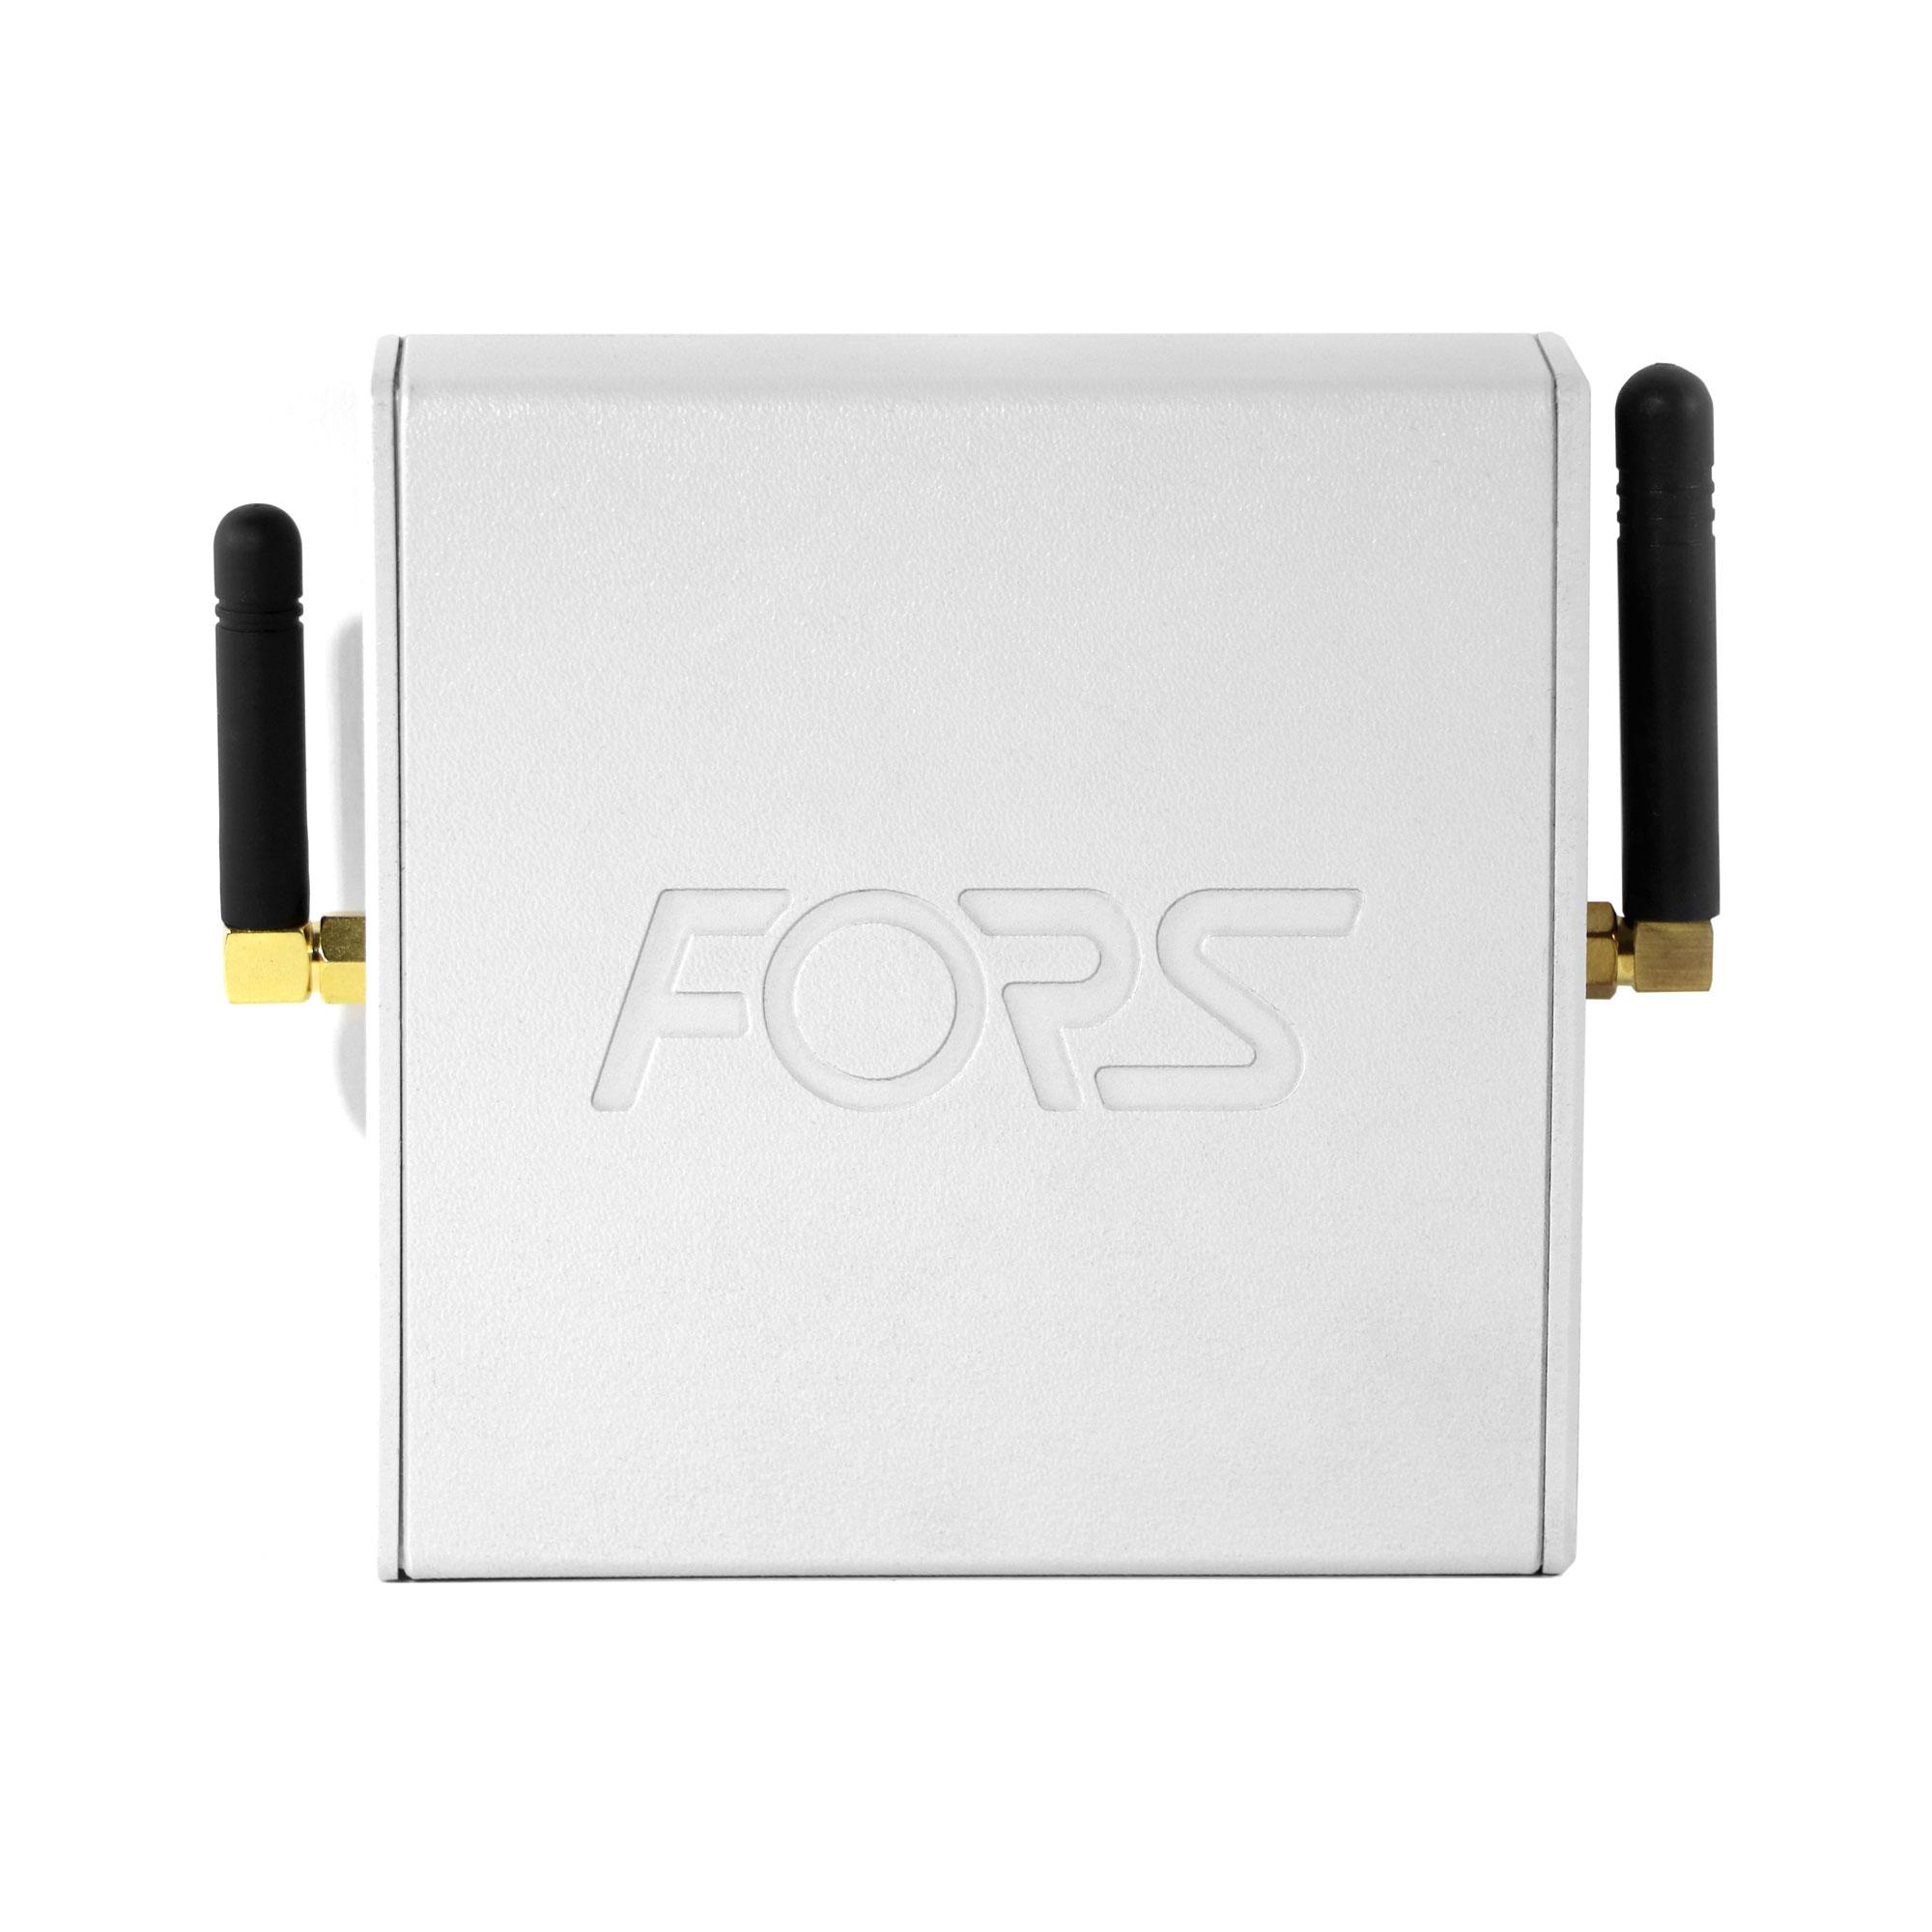 ForsBox